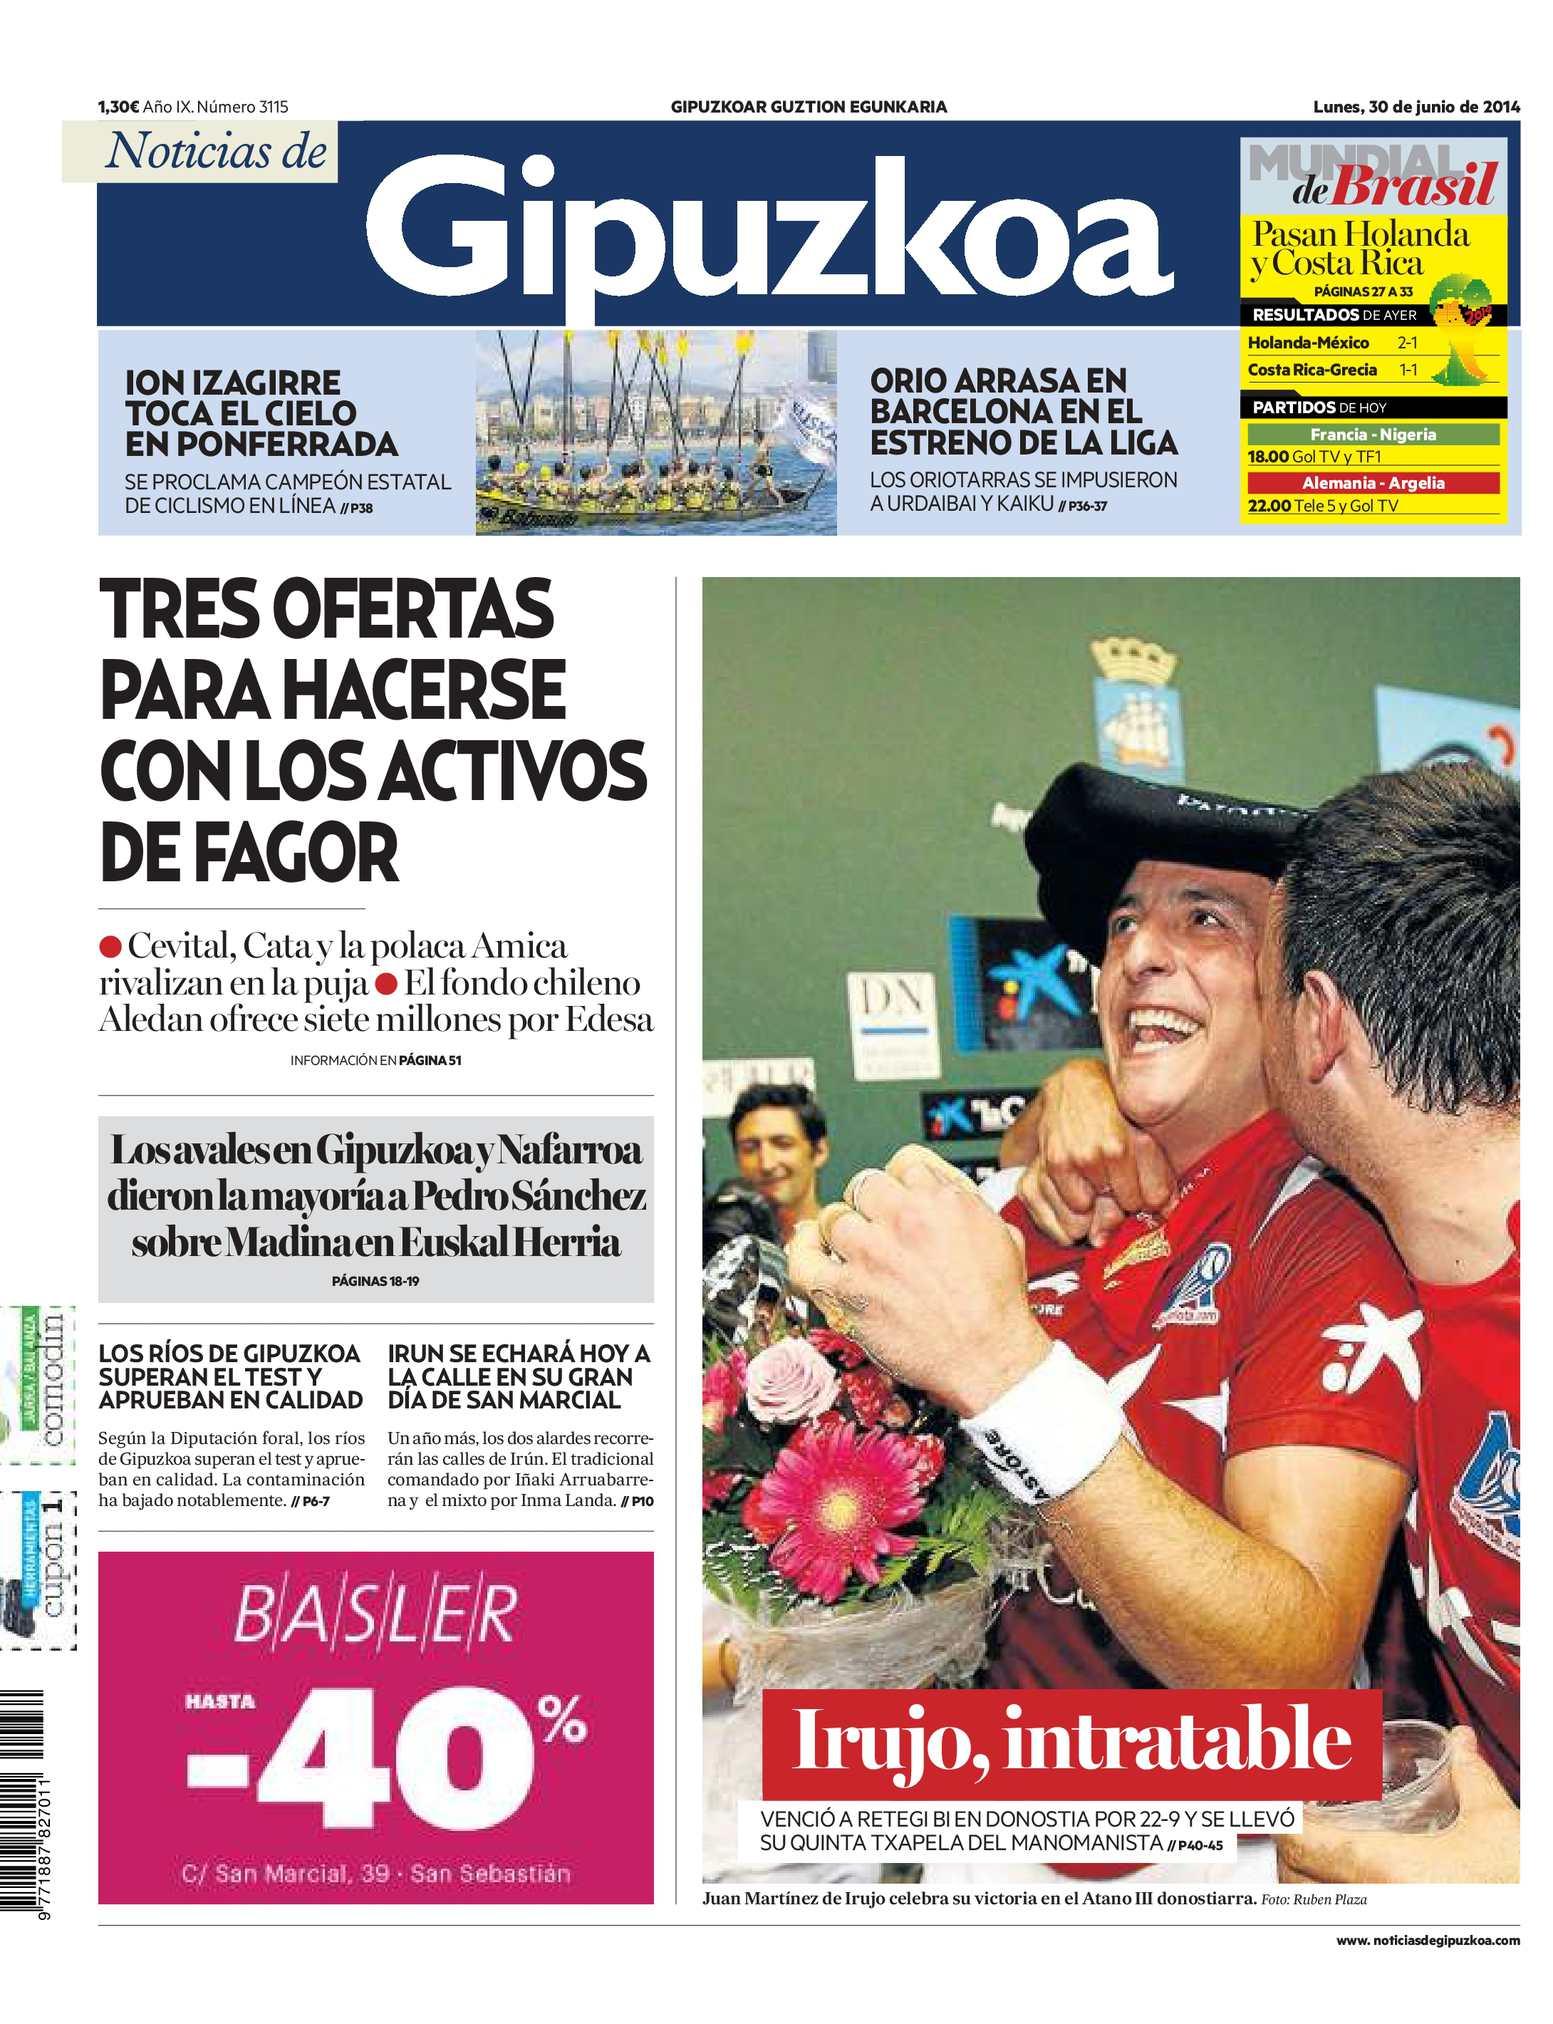 Calaméo - Noticias de Gipuzkoa 20140630 99256b52bad50